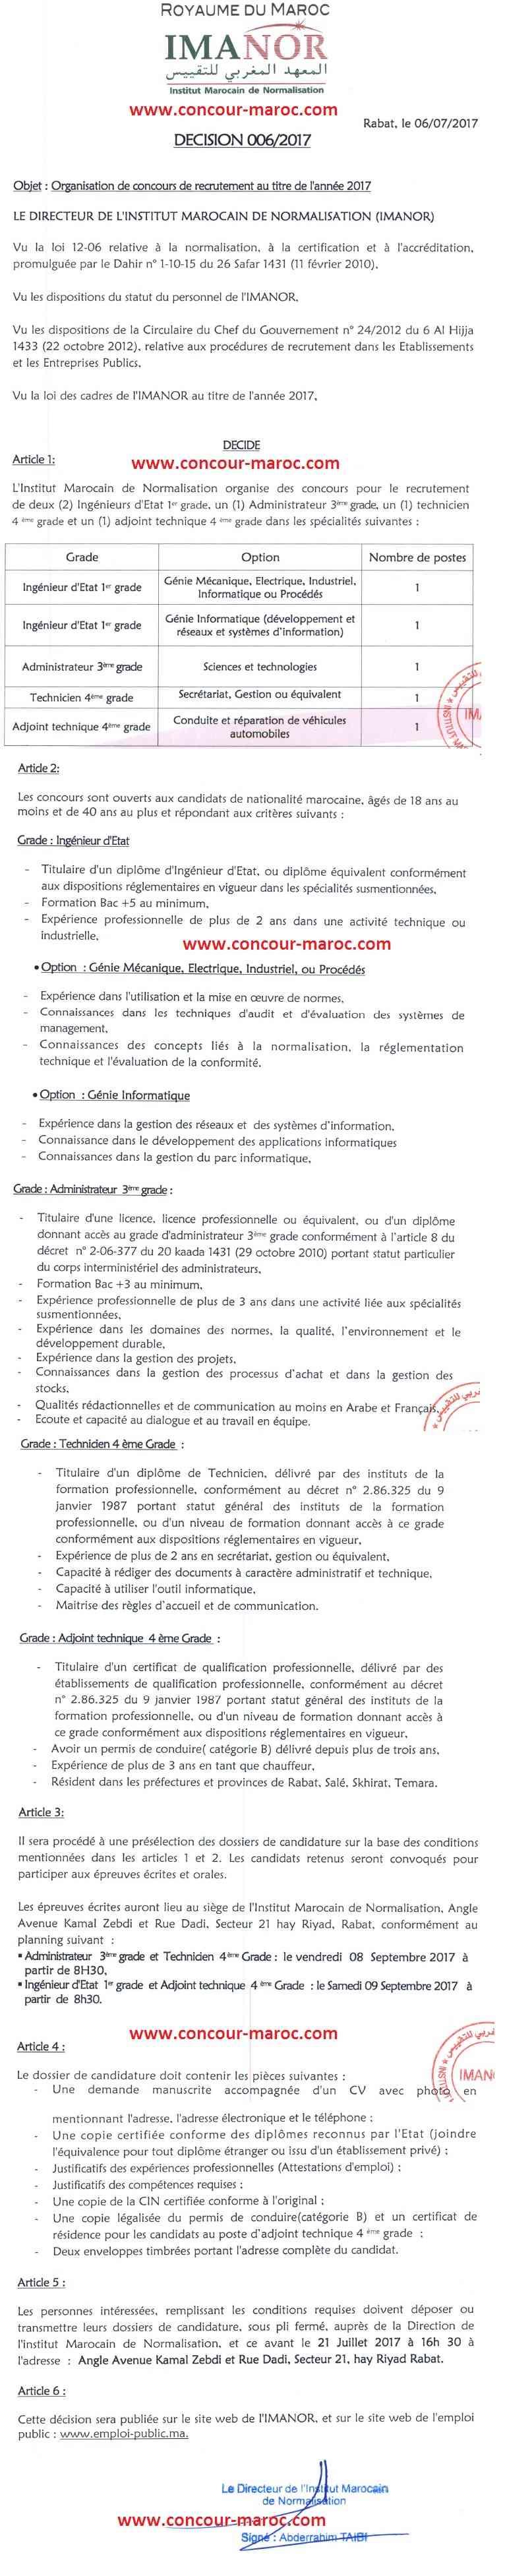 المعهد المغربي للتقييس : مباراة لتوظيف مساعد تقني من الدرجة الرابعة و تقني من الدرجة الرابعة و متصرف من الدرجة الثالثة و 02 مهندس دولة آخر أجل 21 يوليوز 2017 Concou17